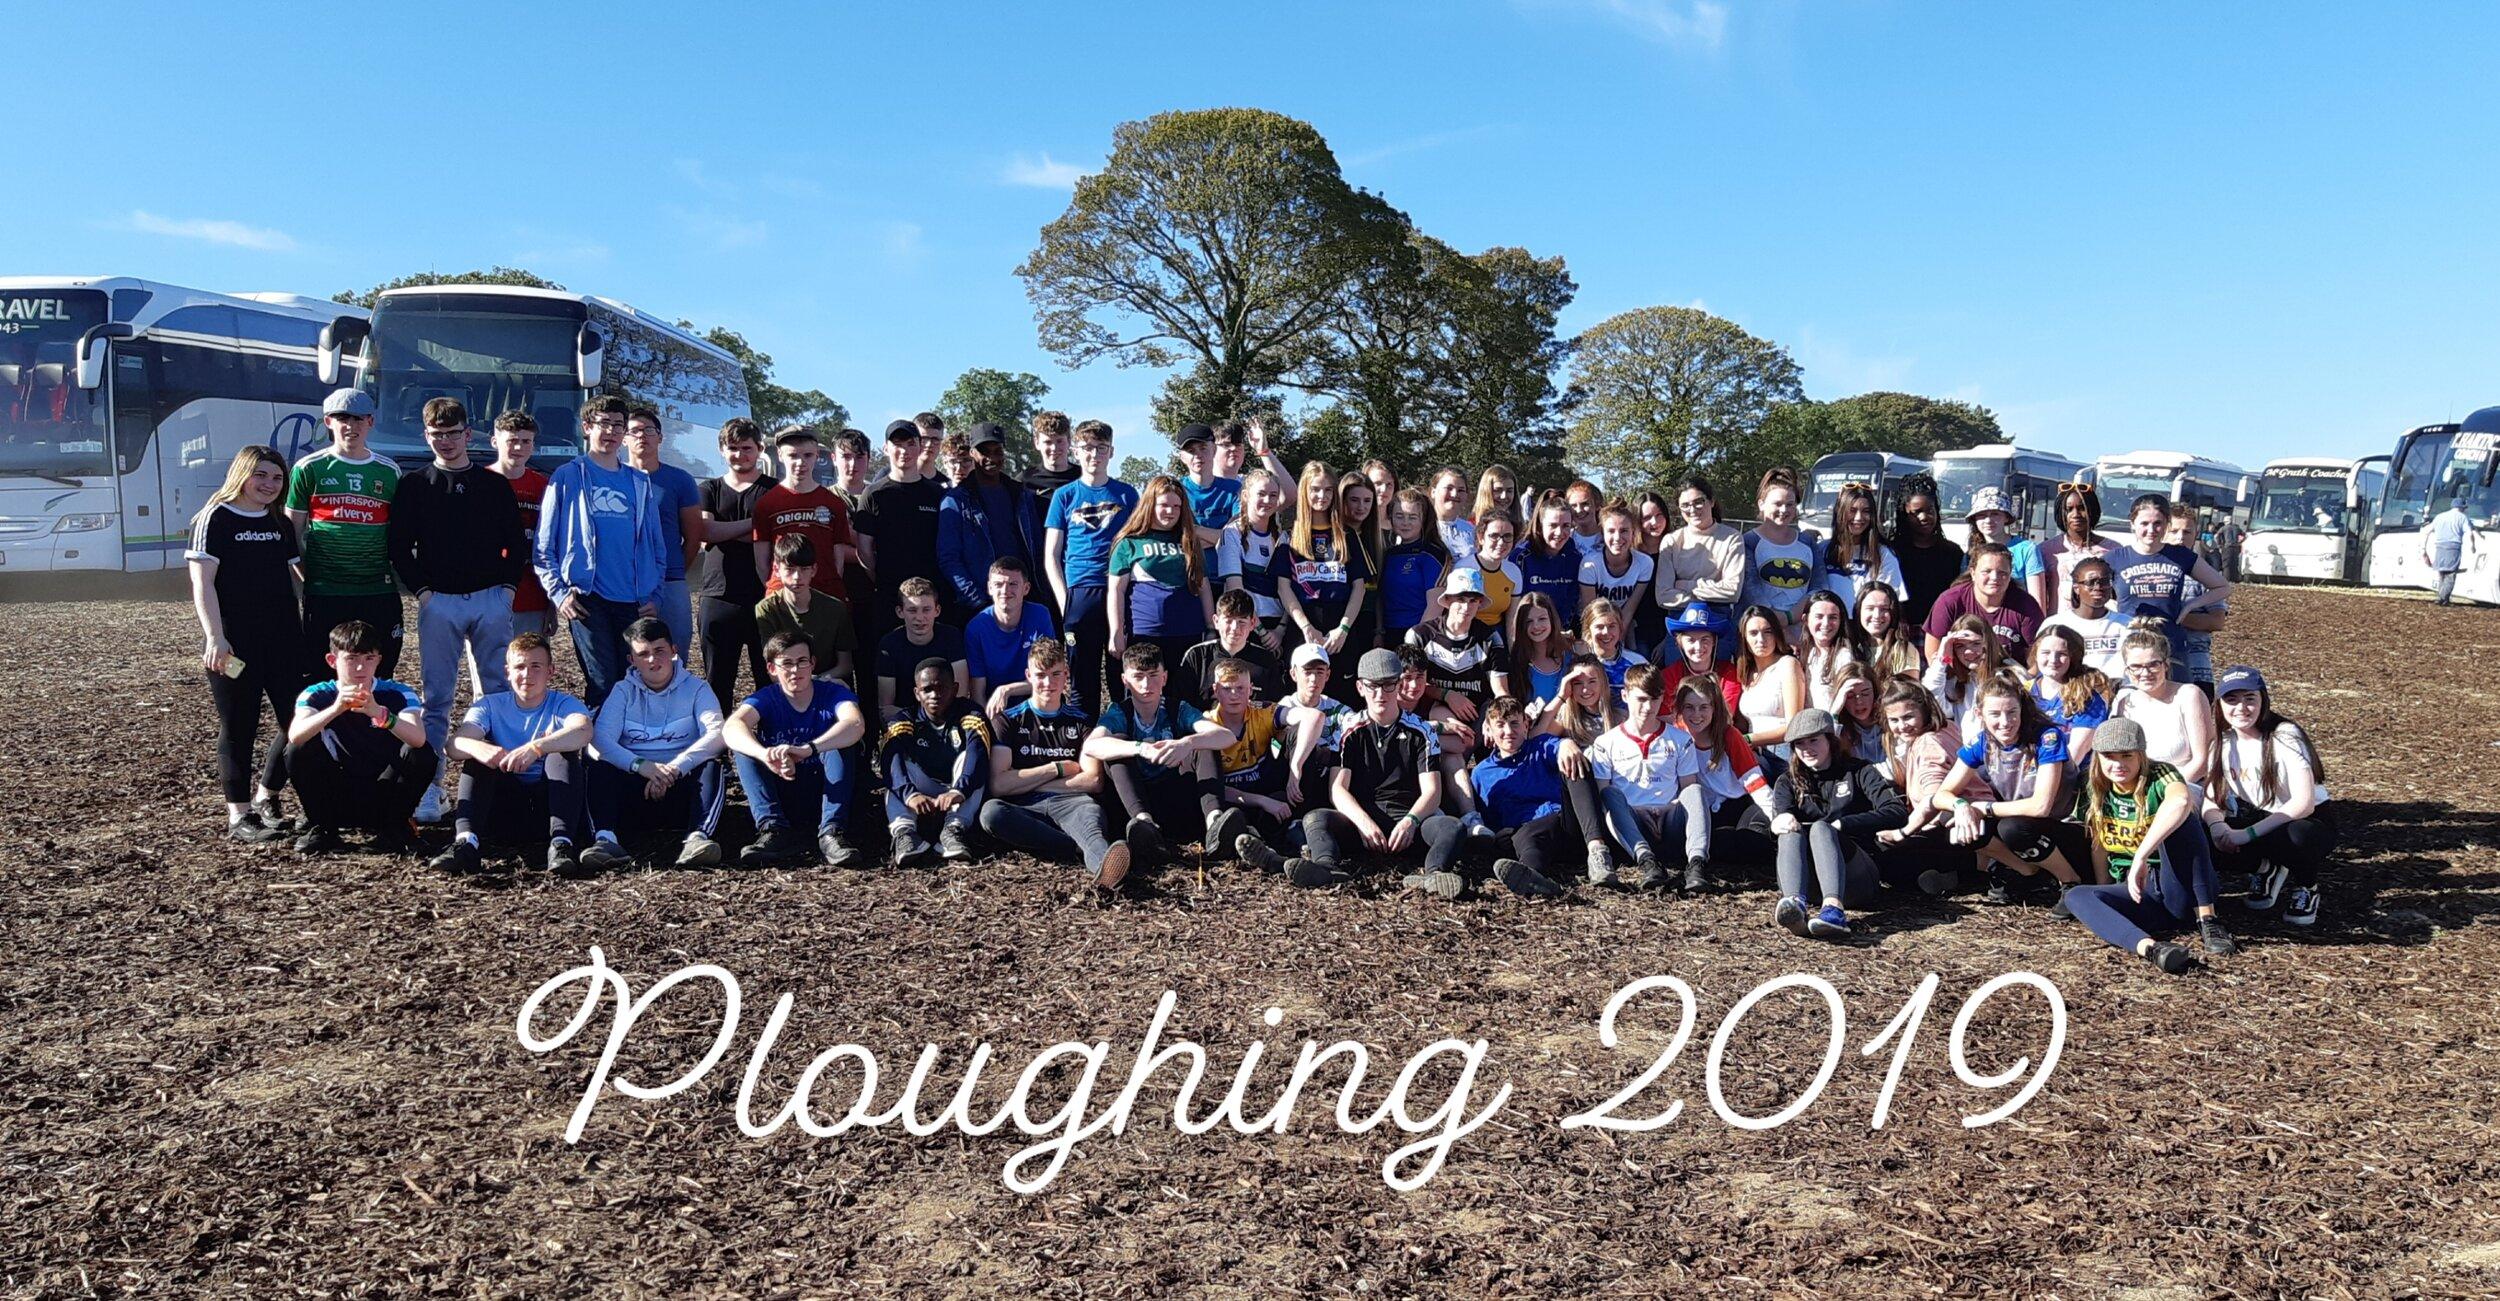 Ploughing1.jpg